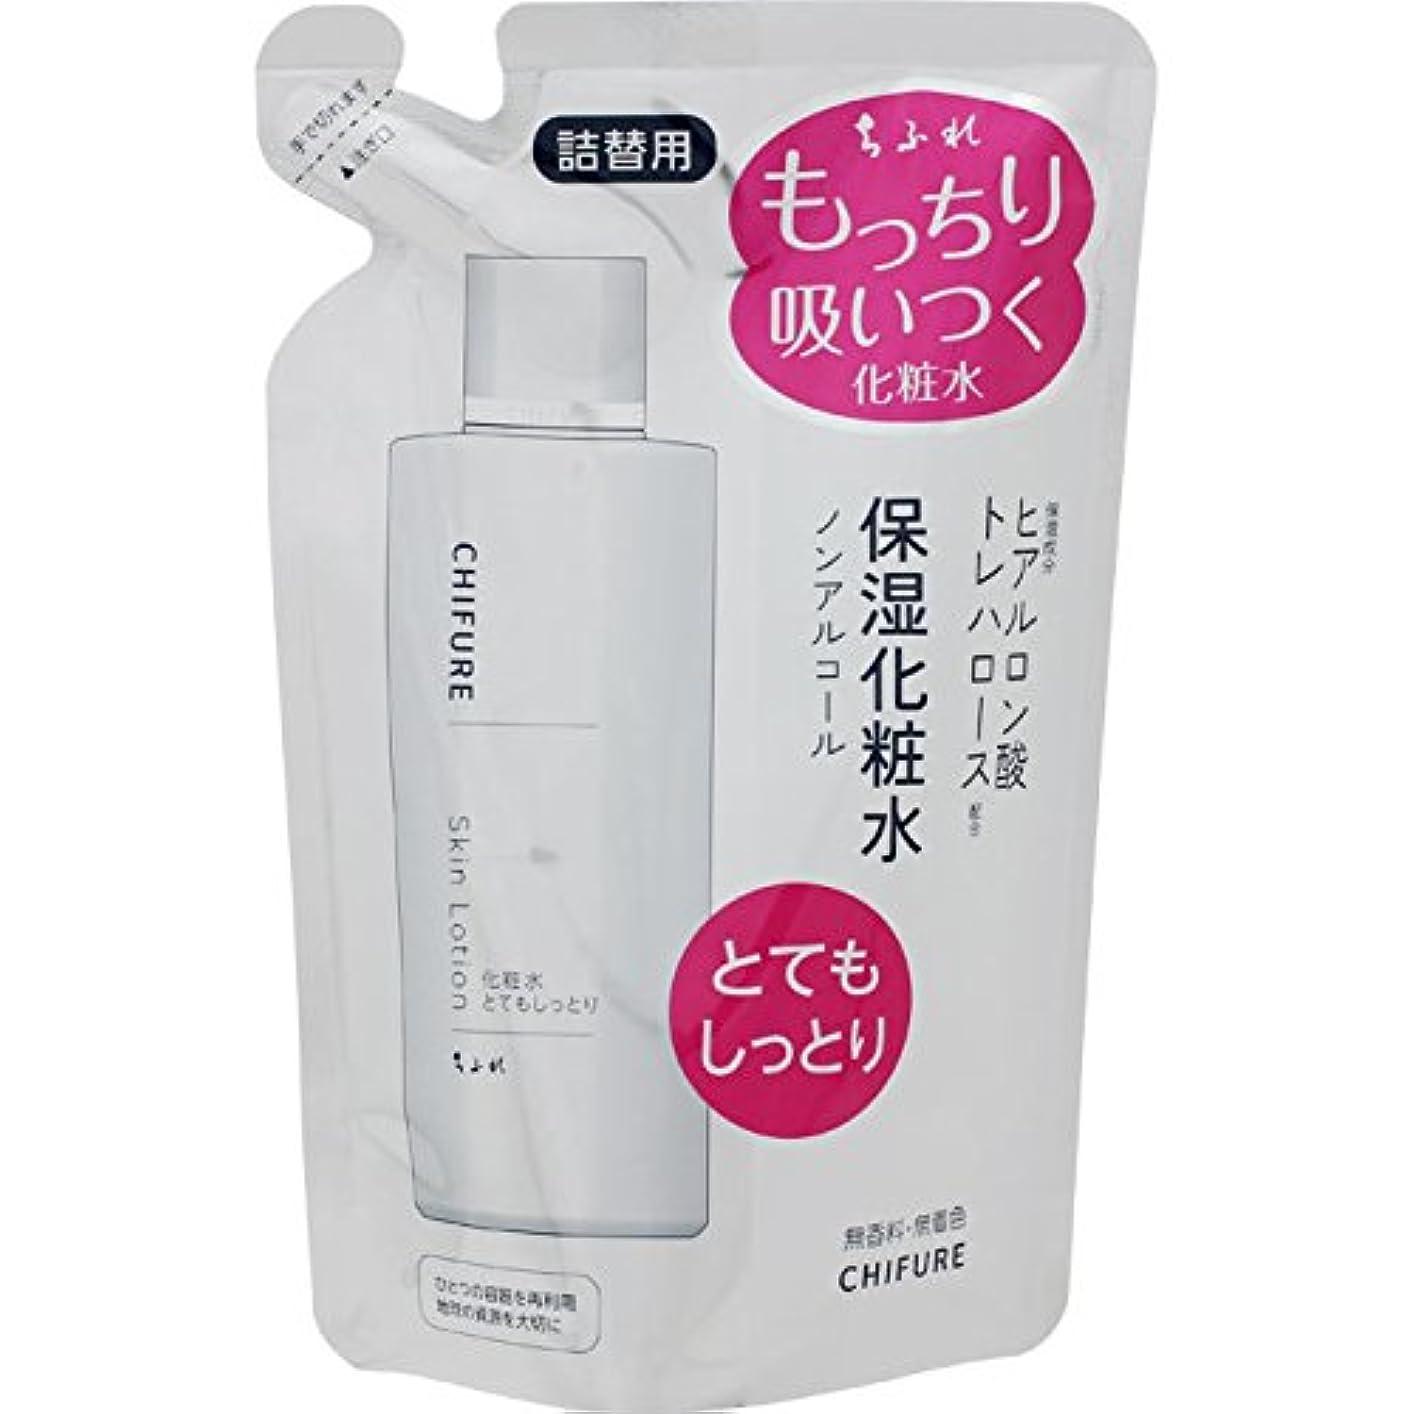 フレキシブル立法使い込むちふれ化粧品 化粧水 とてもしっとりタイプ 詰替用 150ML